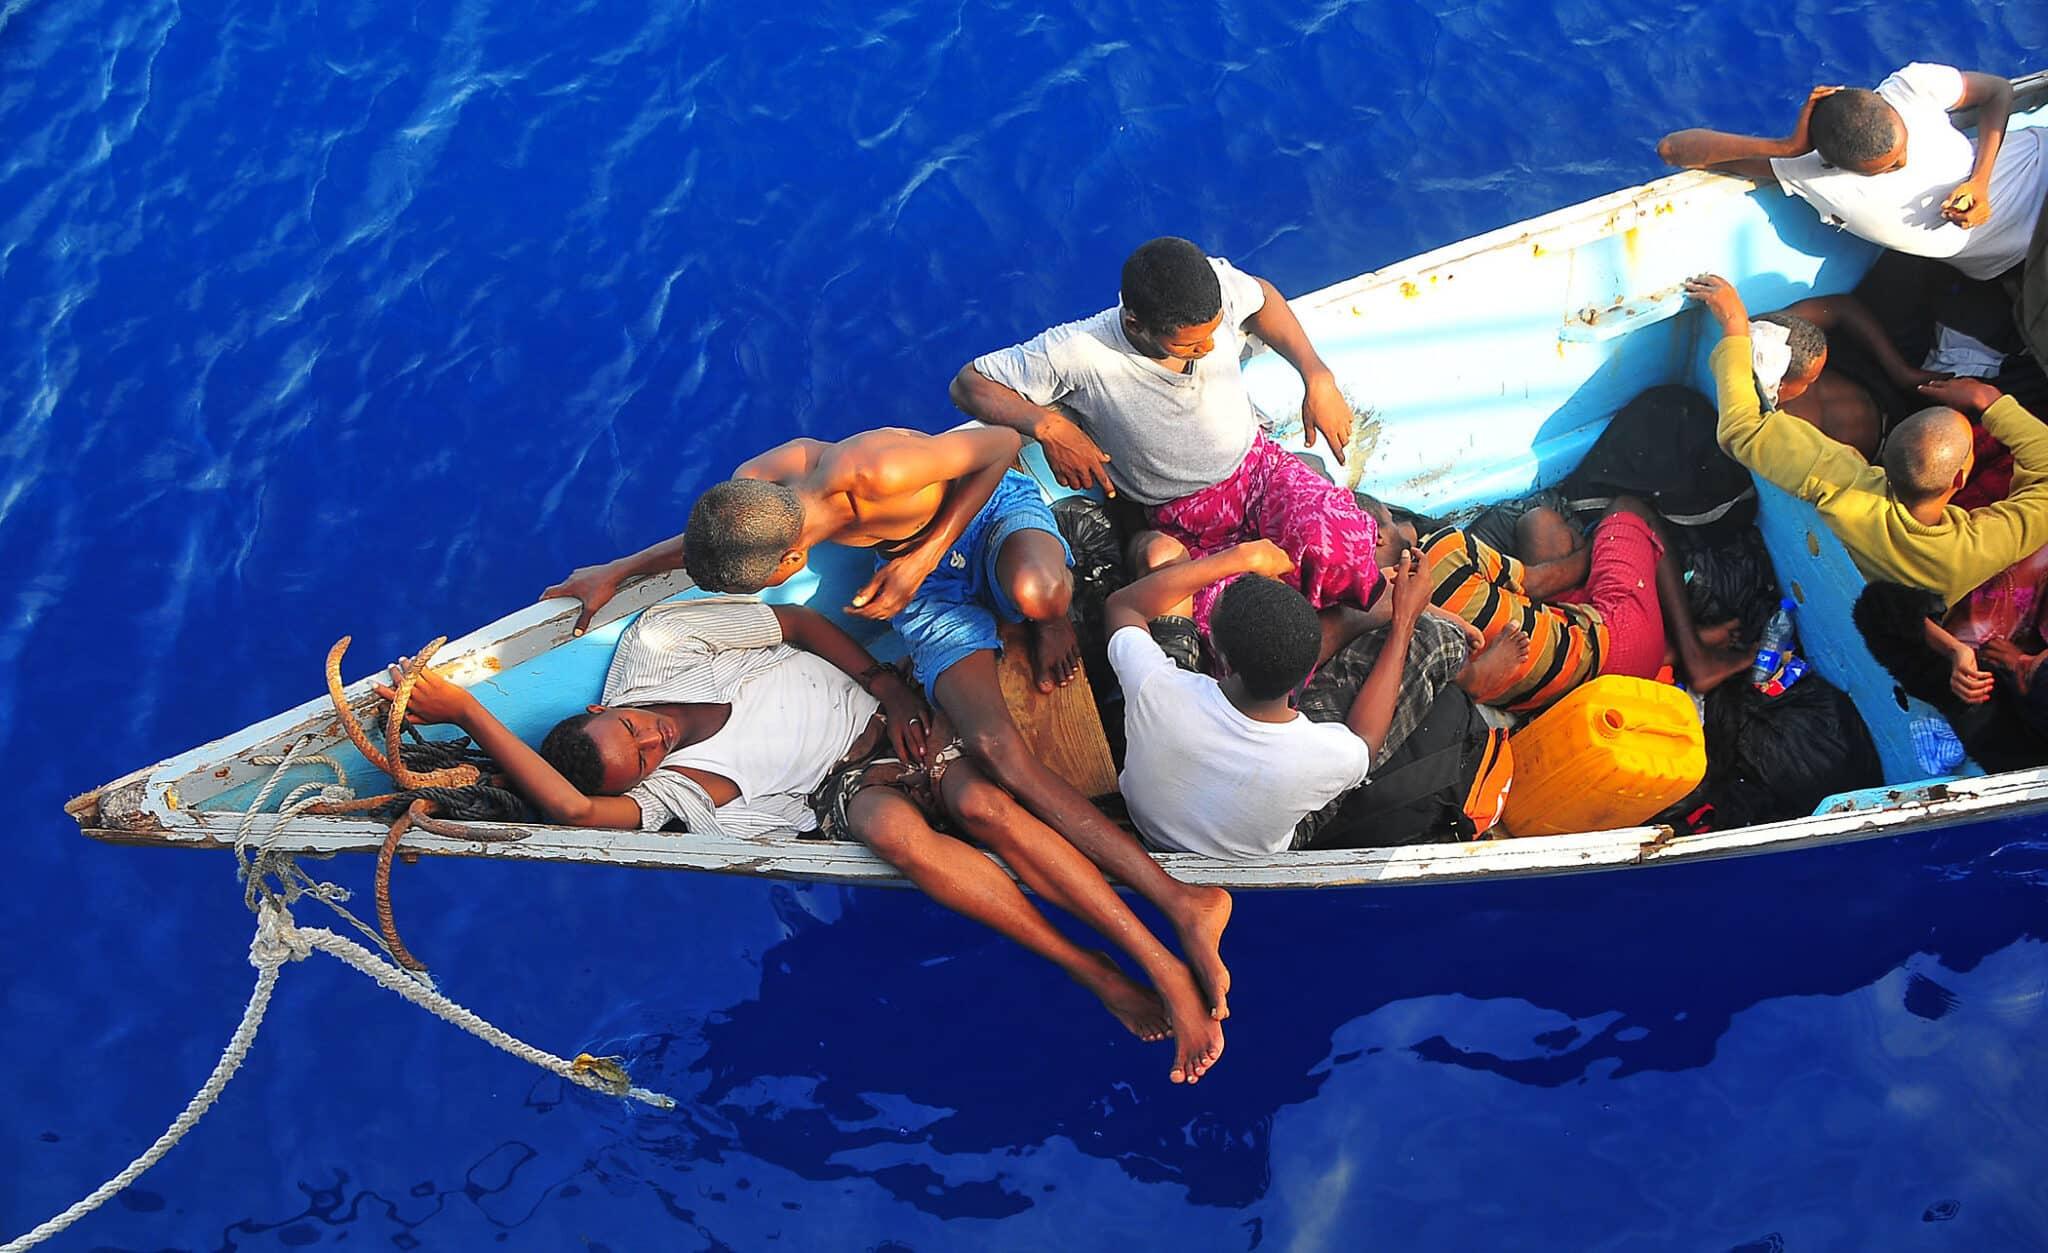 Quel pays a mis en place un programme d'expulsion des migrants ?